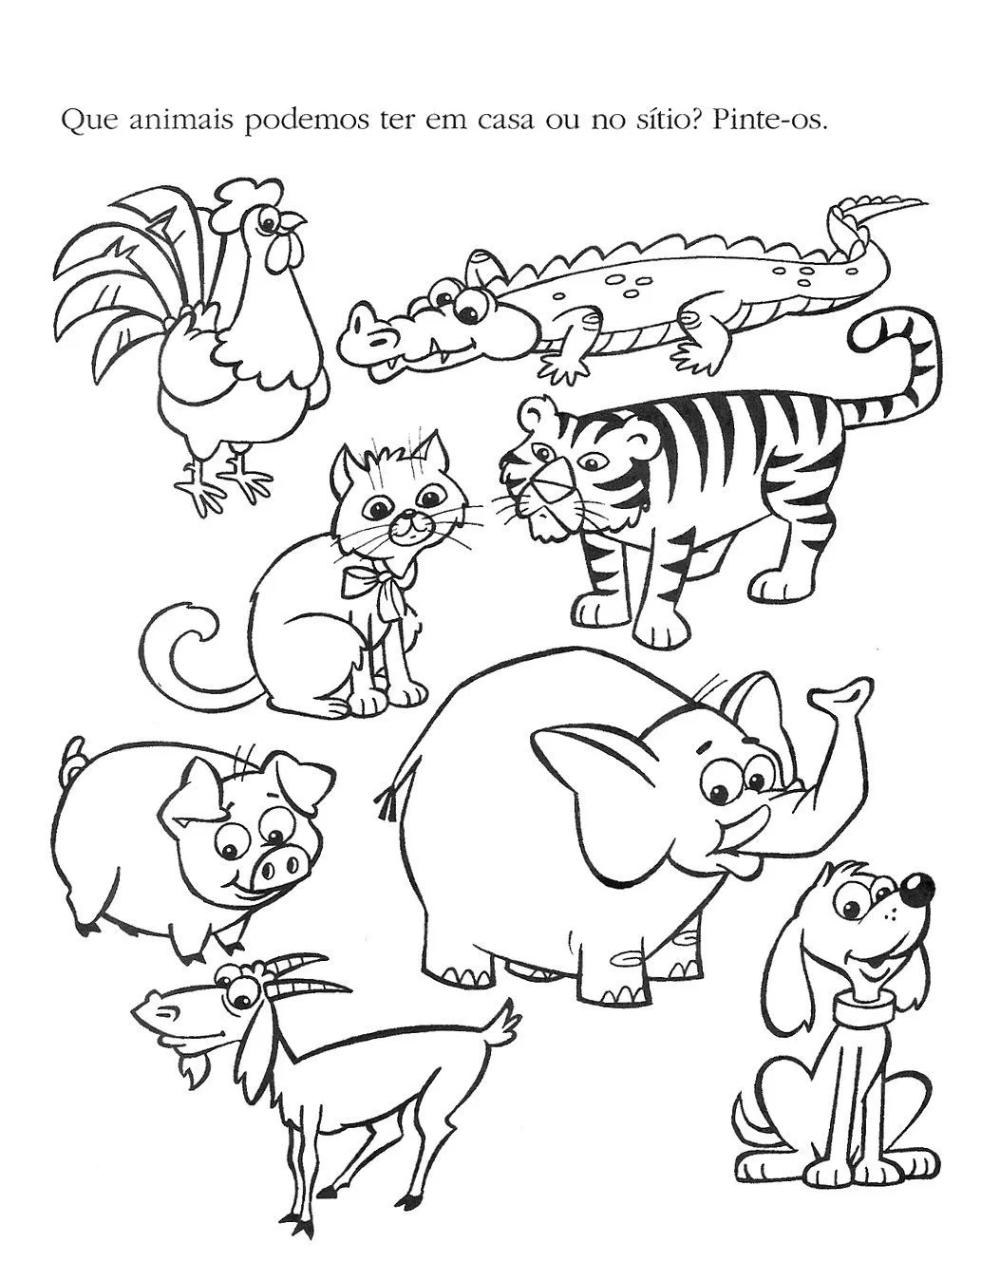 24 Atividades Com Animais Domesticos E Selvagens Para Imprimir